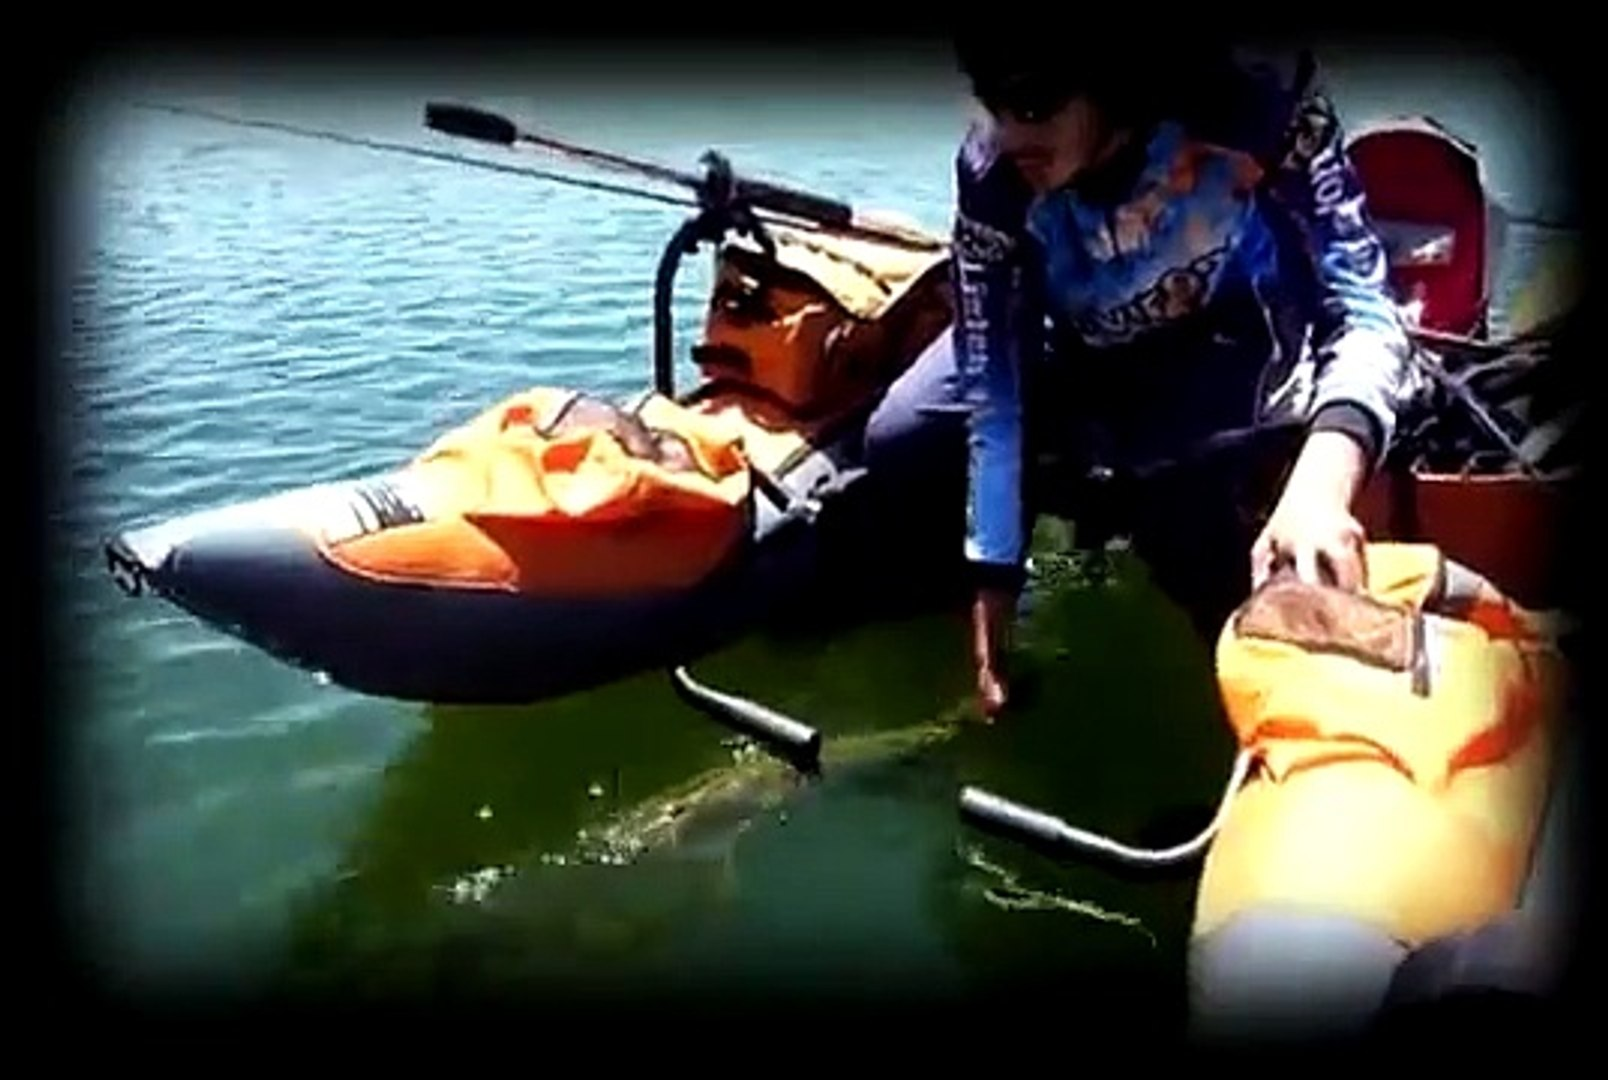 Pesca Black Bass & Lucios. Pike & Bass Fishing. - bonviedroteam.com